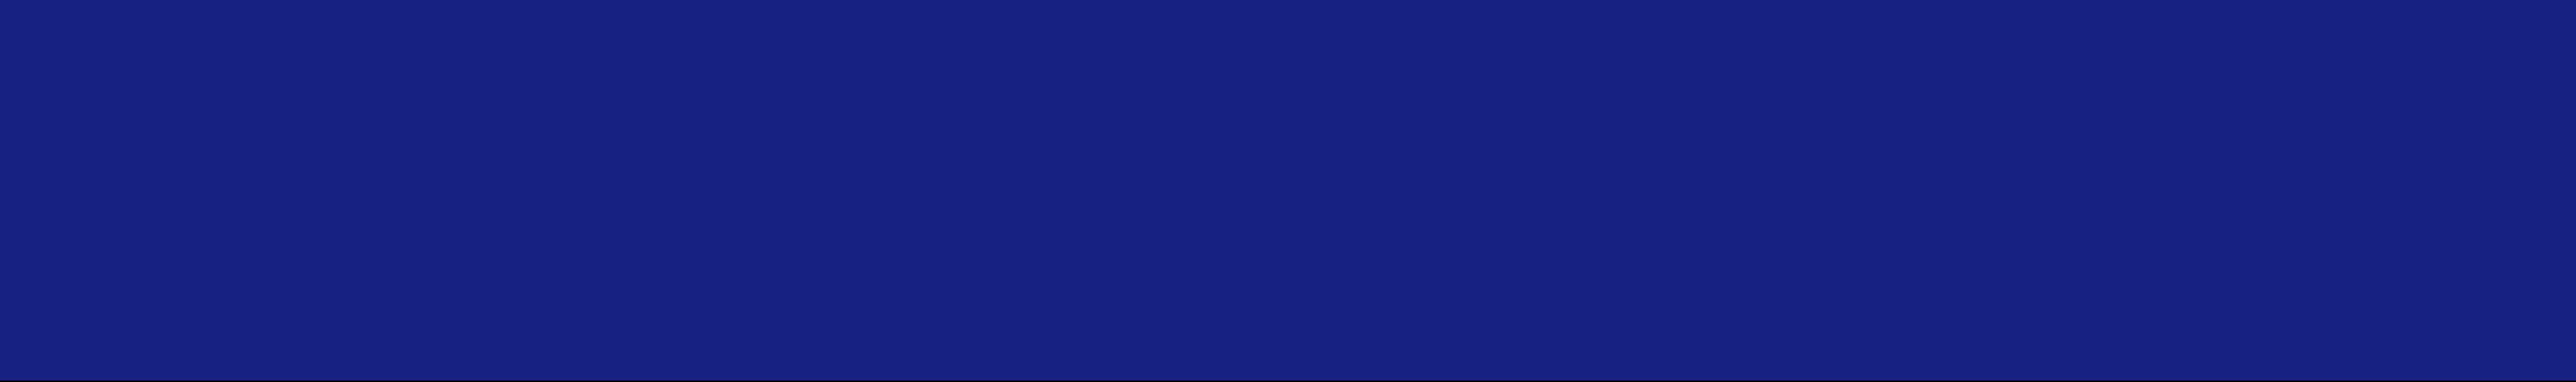 pollock-logoblue